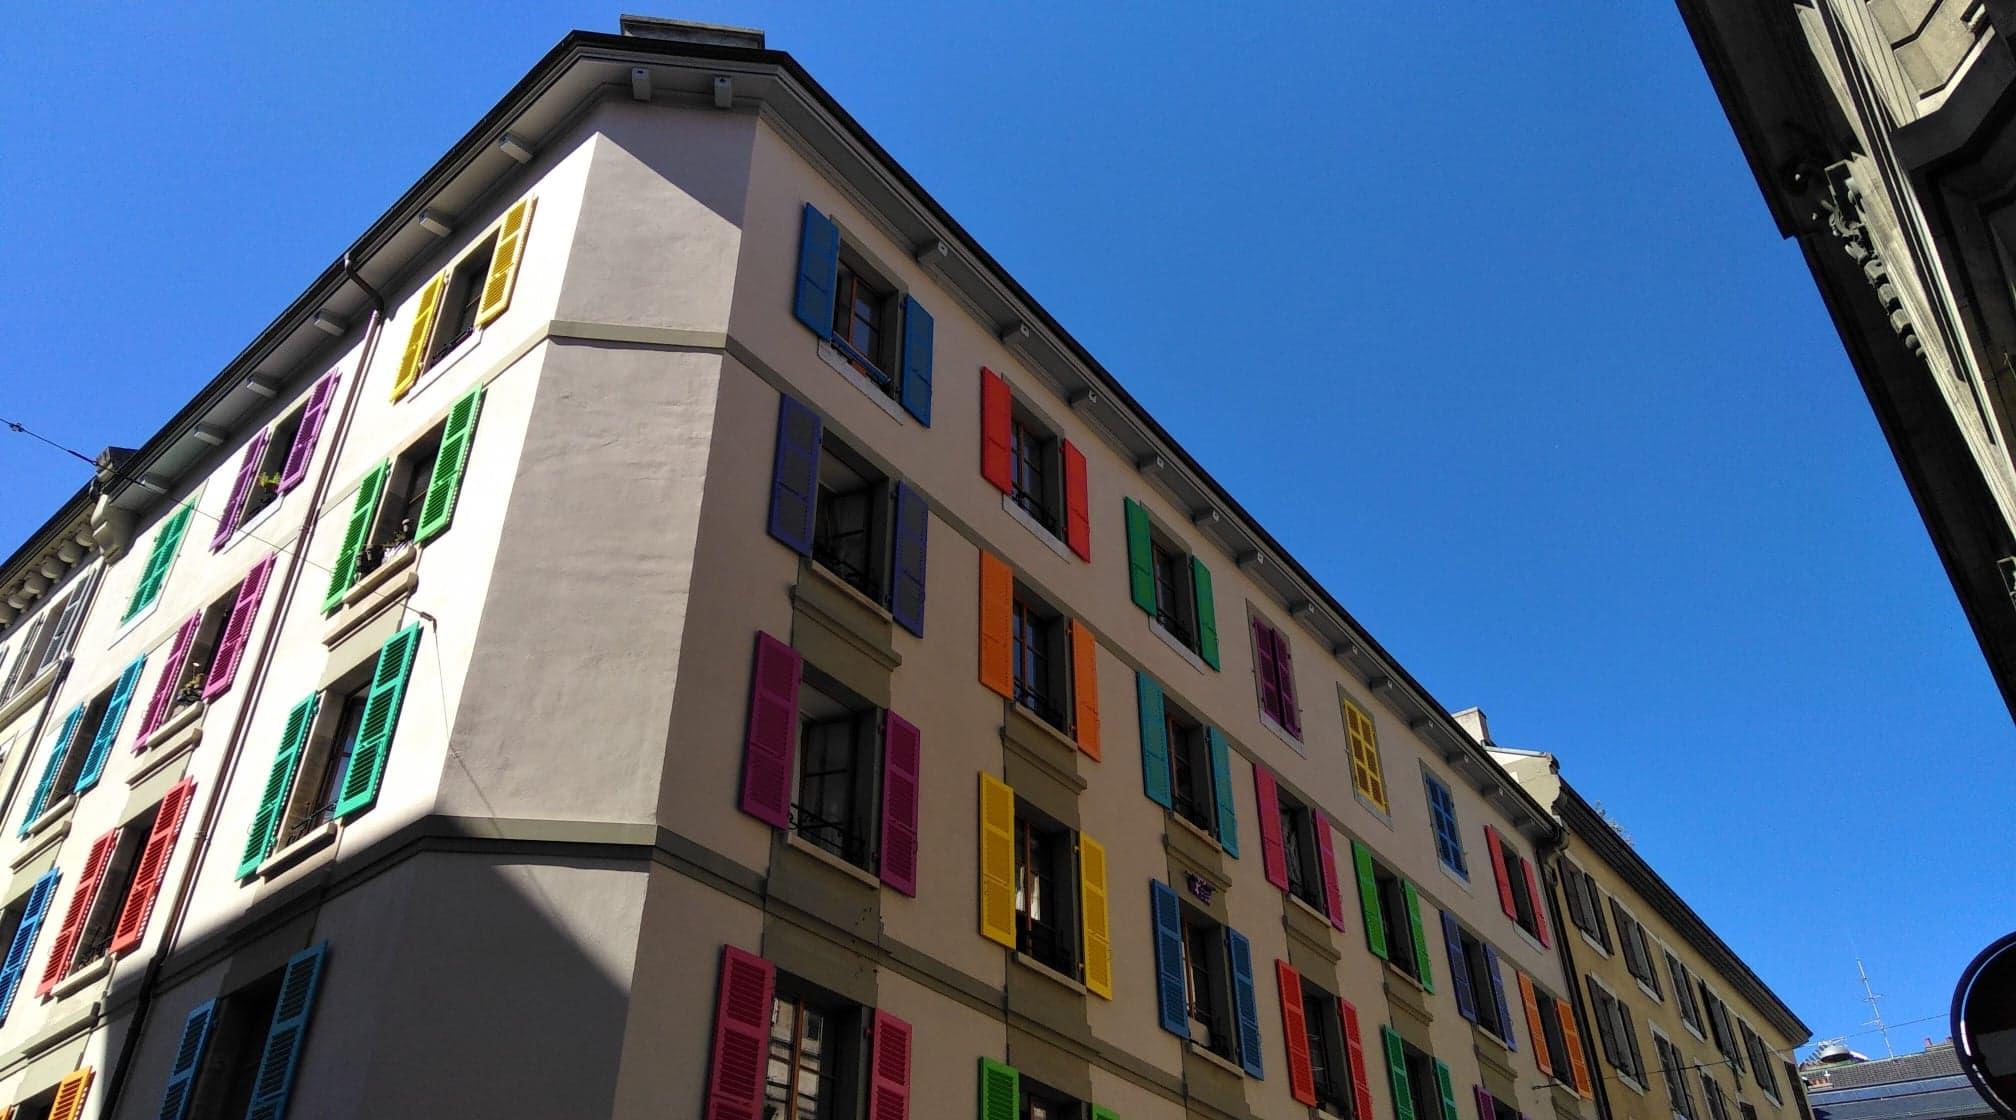 Rue colorée Genève.jpg